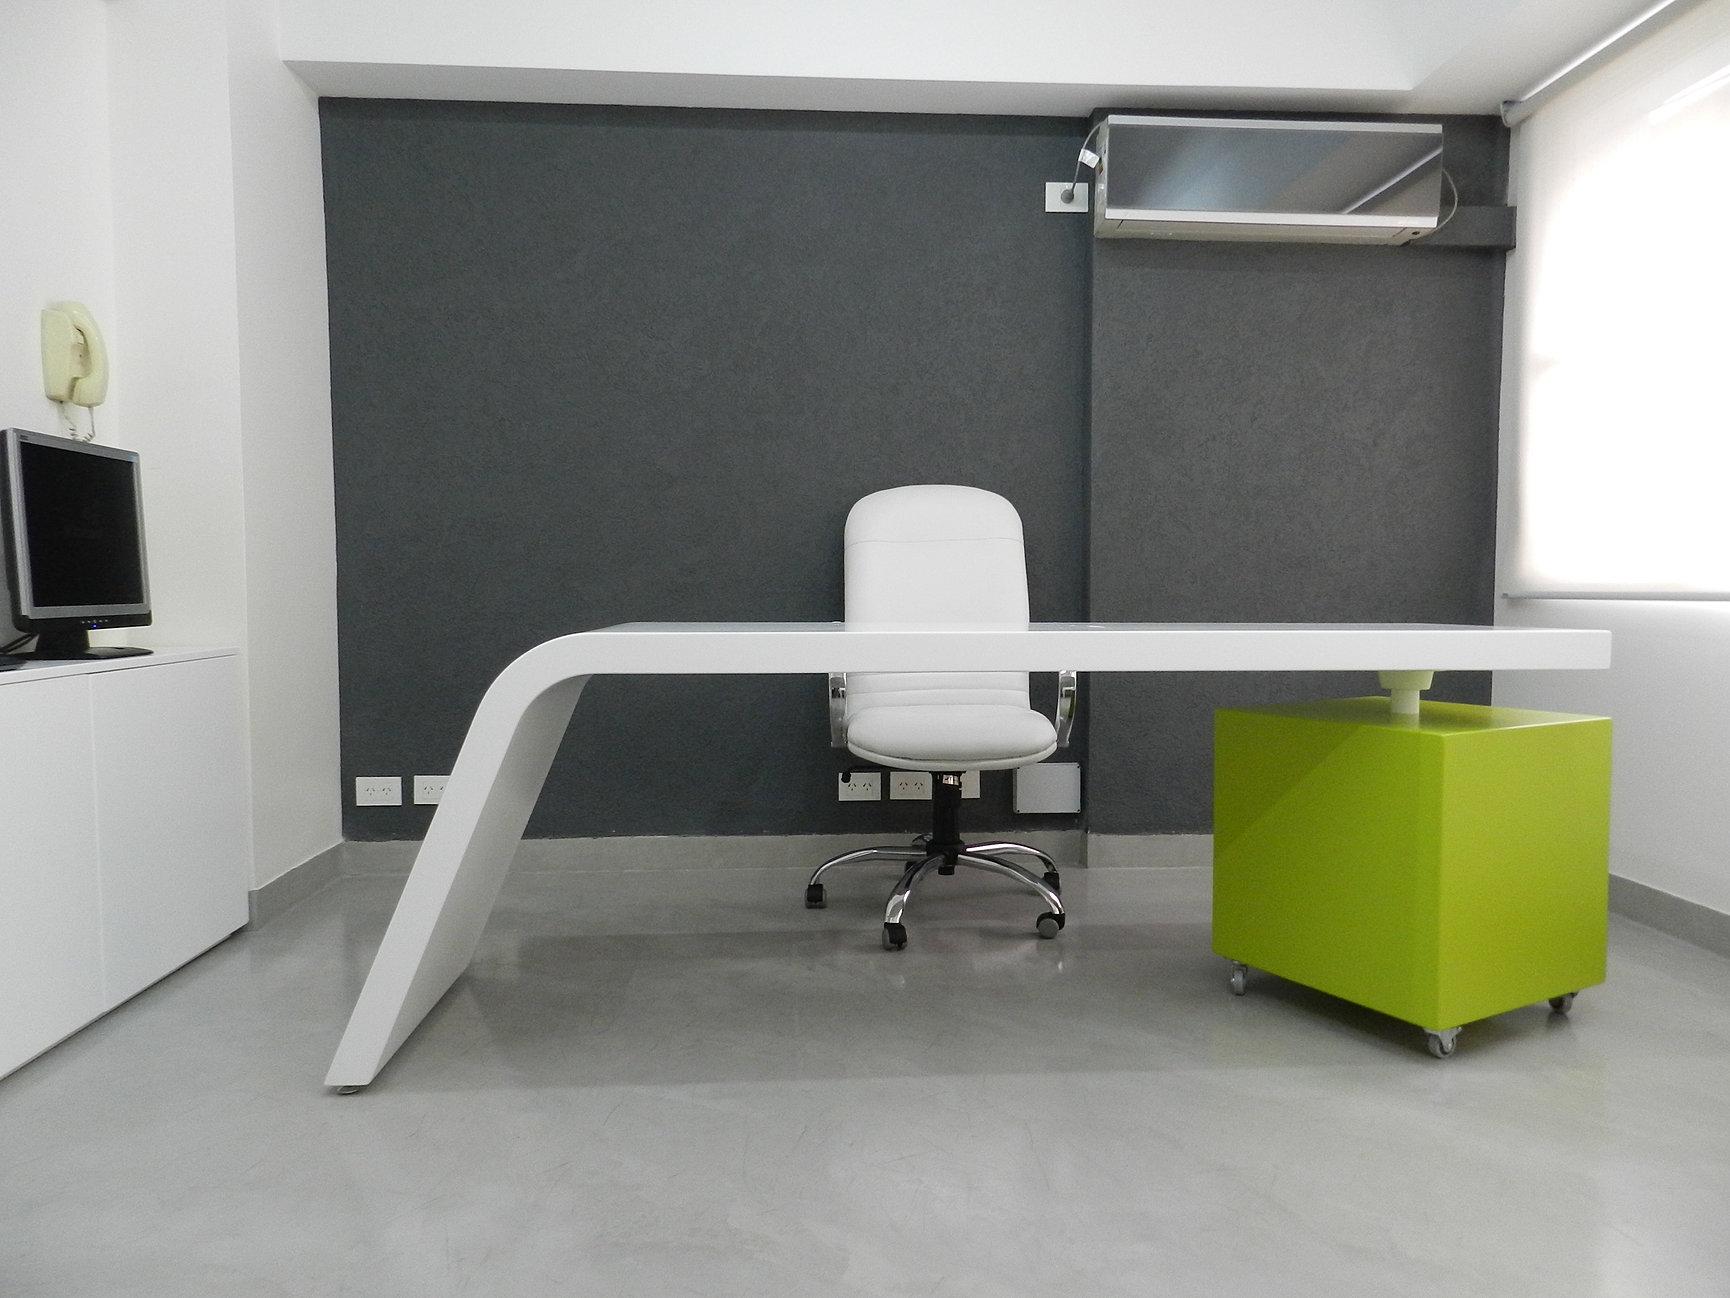 escritorio snap class escritorios modernos - Escritorios Modernos